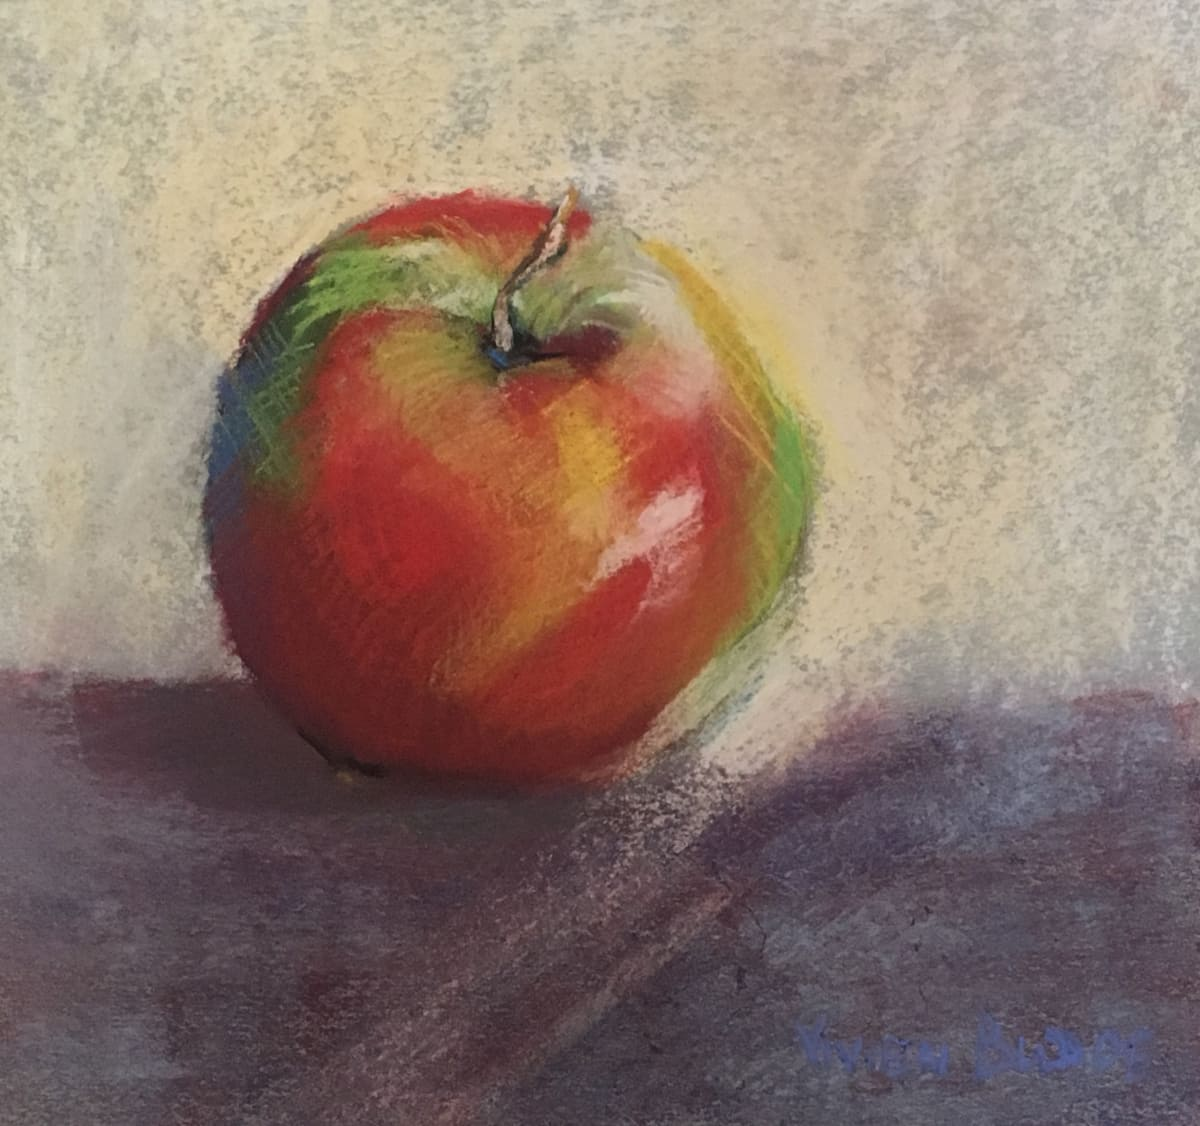 Vivien Budge , Pastel apple, 2018